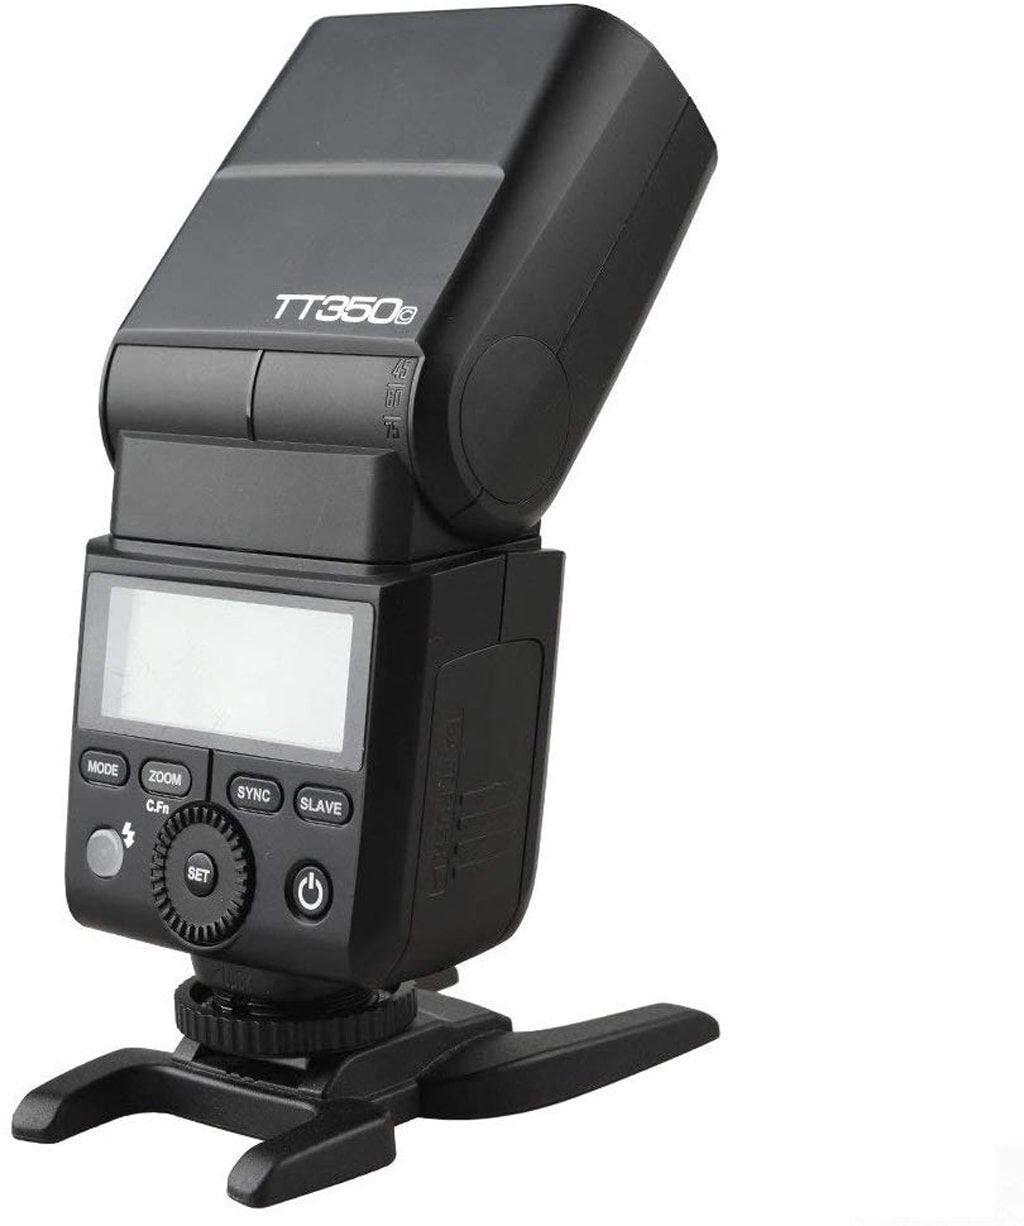 GODOX TT350F Blitzgerät für Fujifilm